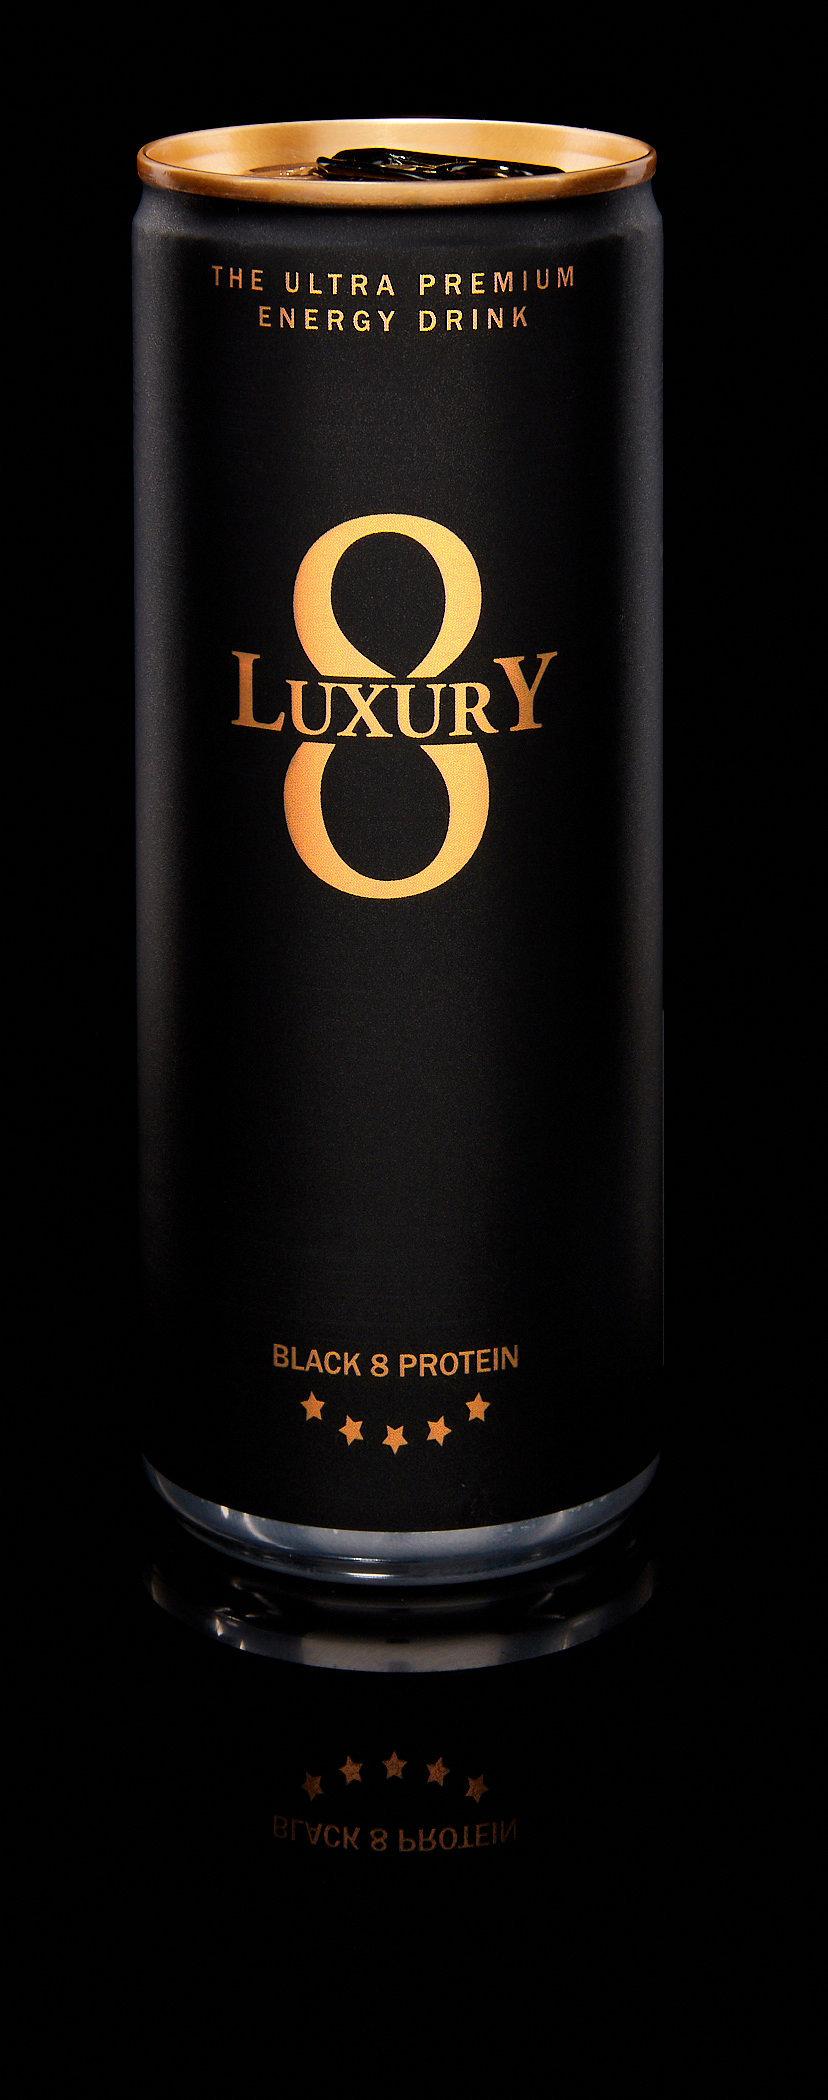 LUX_1803_UPED_BLACK_BLACK8PROTEIN.jpg